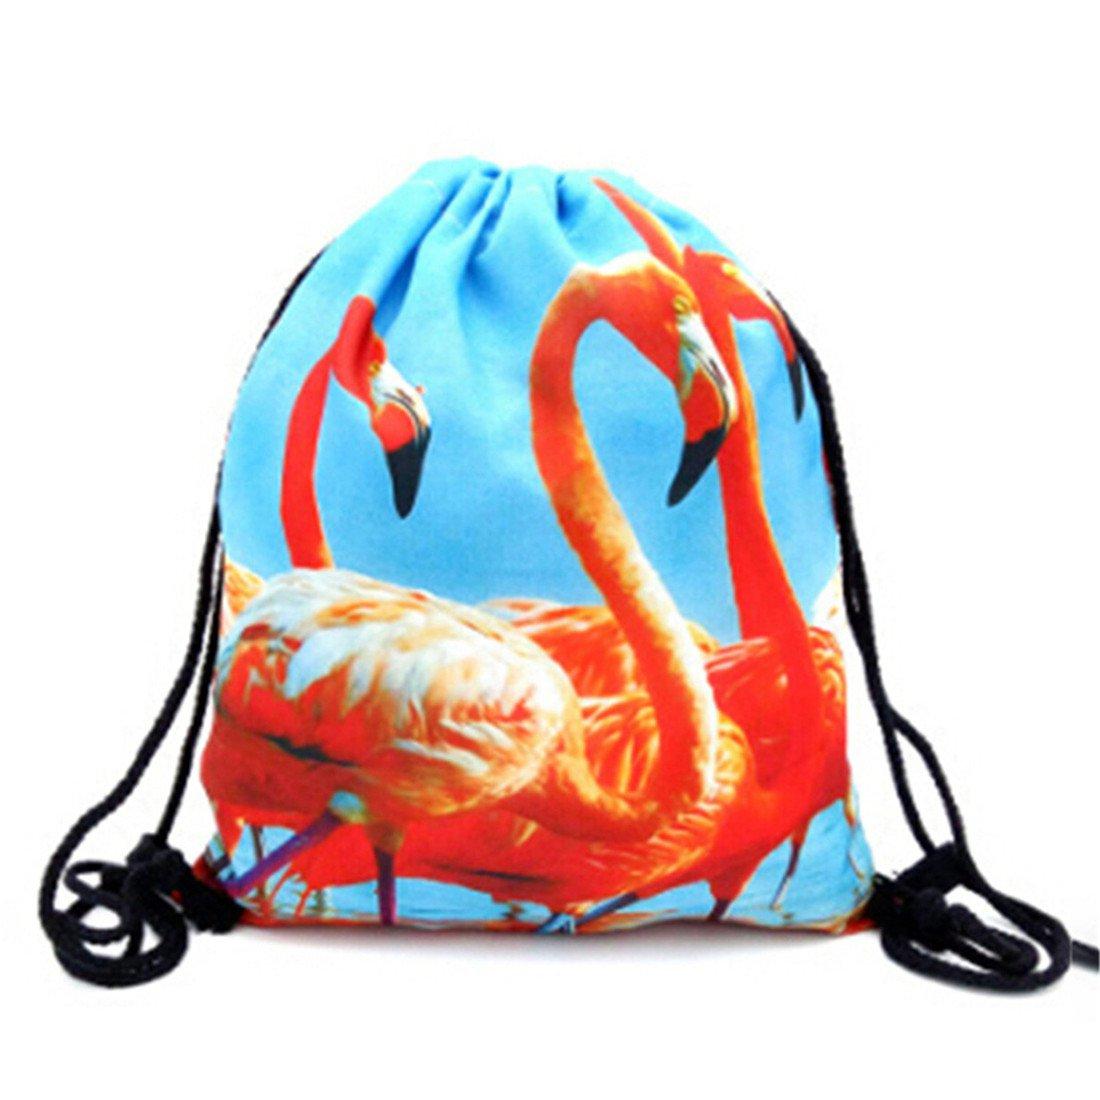 VWH Red Flamingo Printsレディースガールズドローストリングバックパックショルダーバッグ B074W5K348